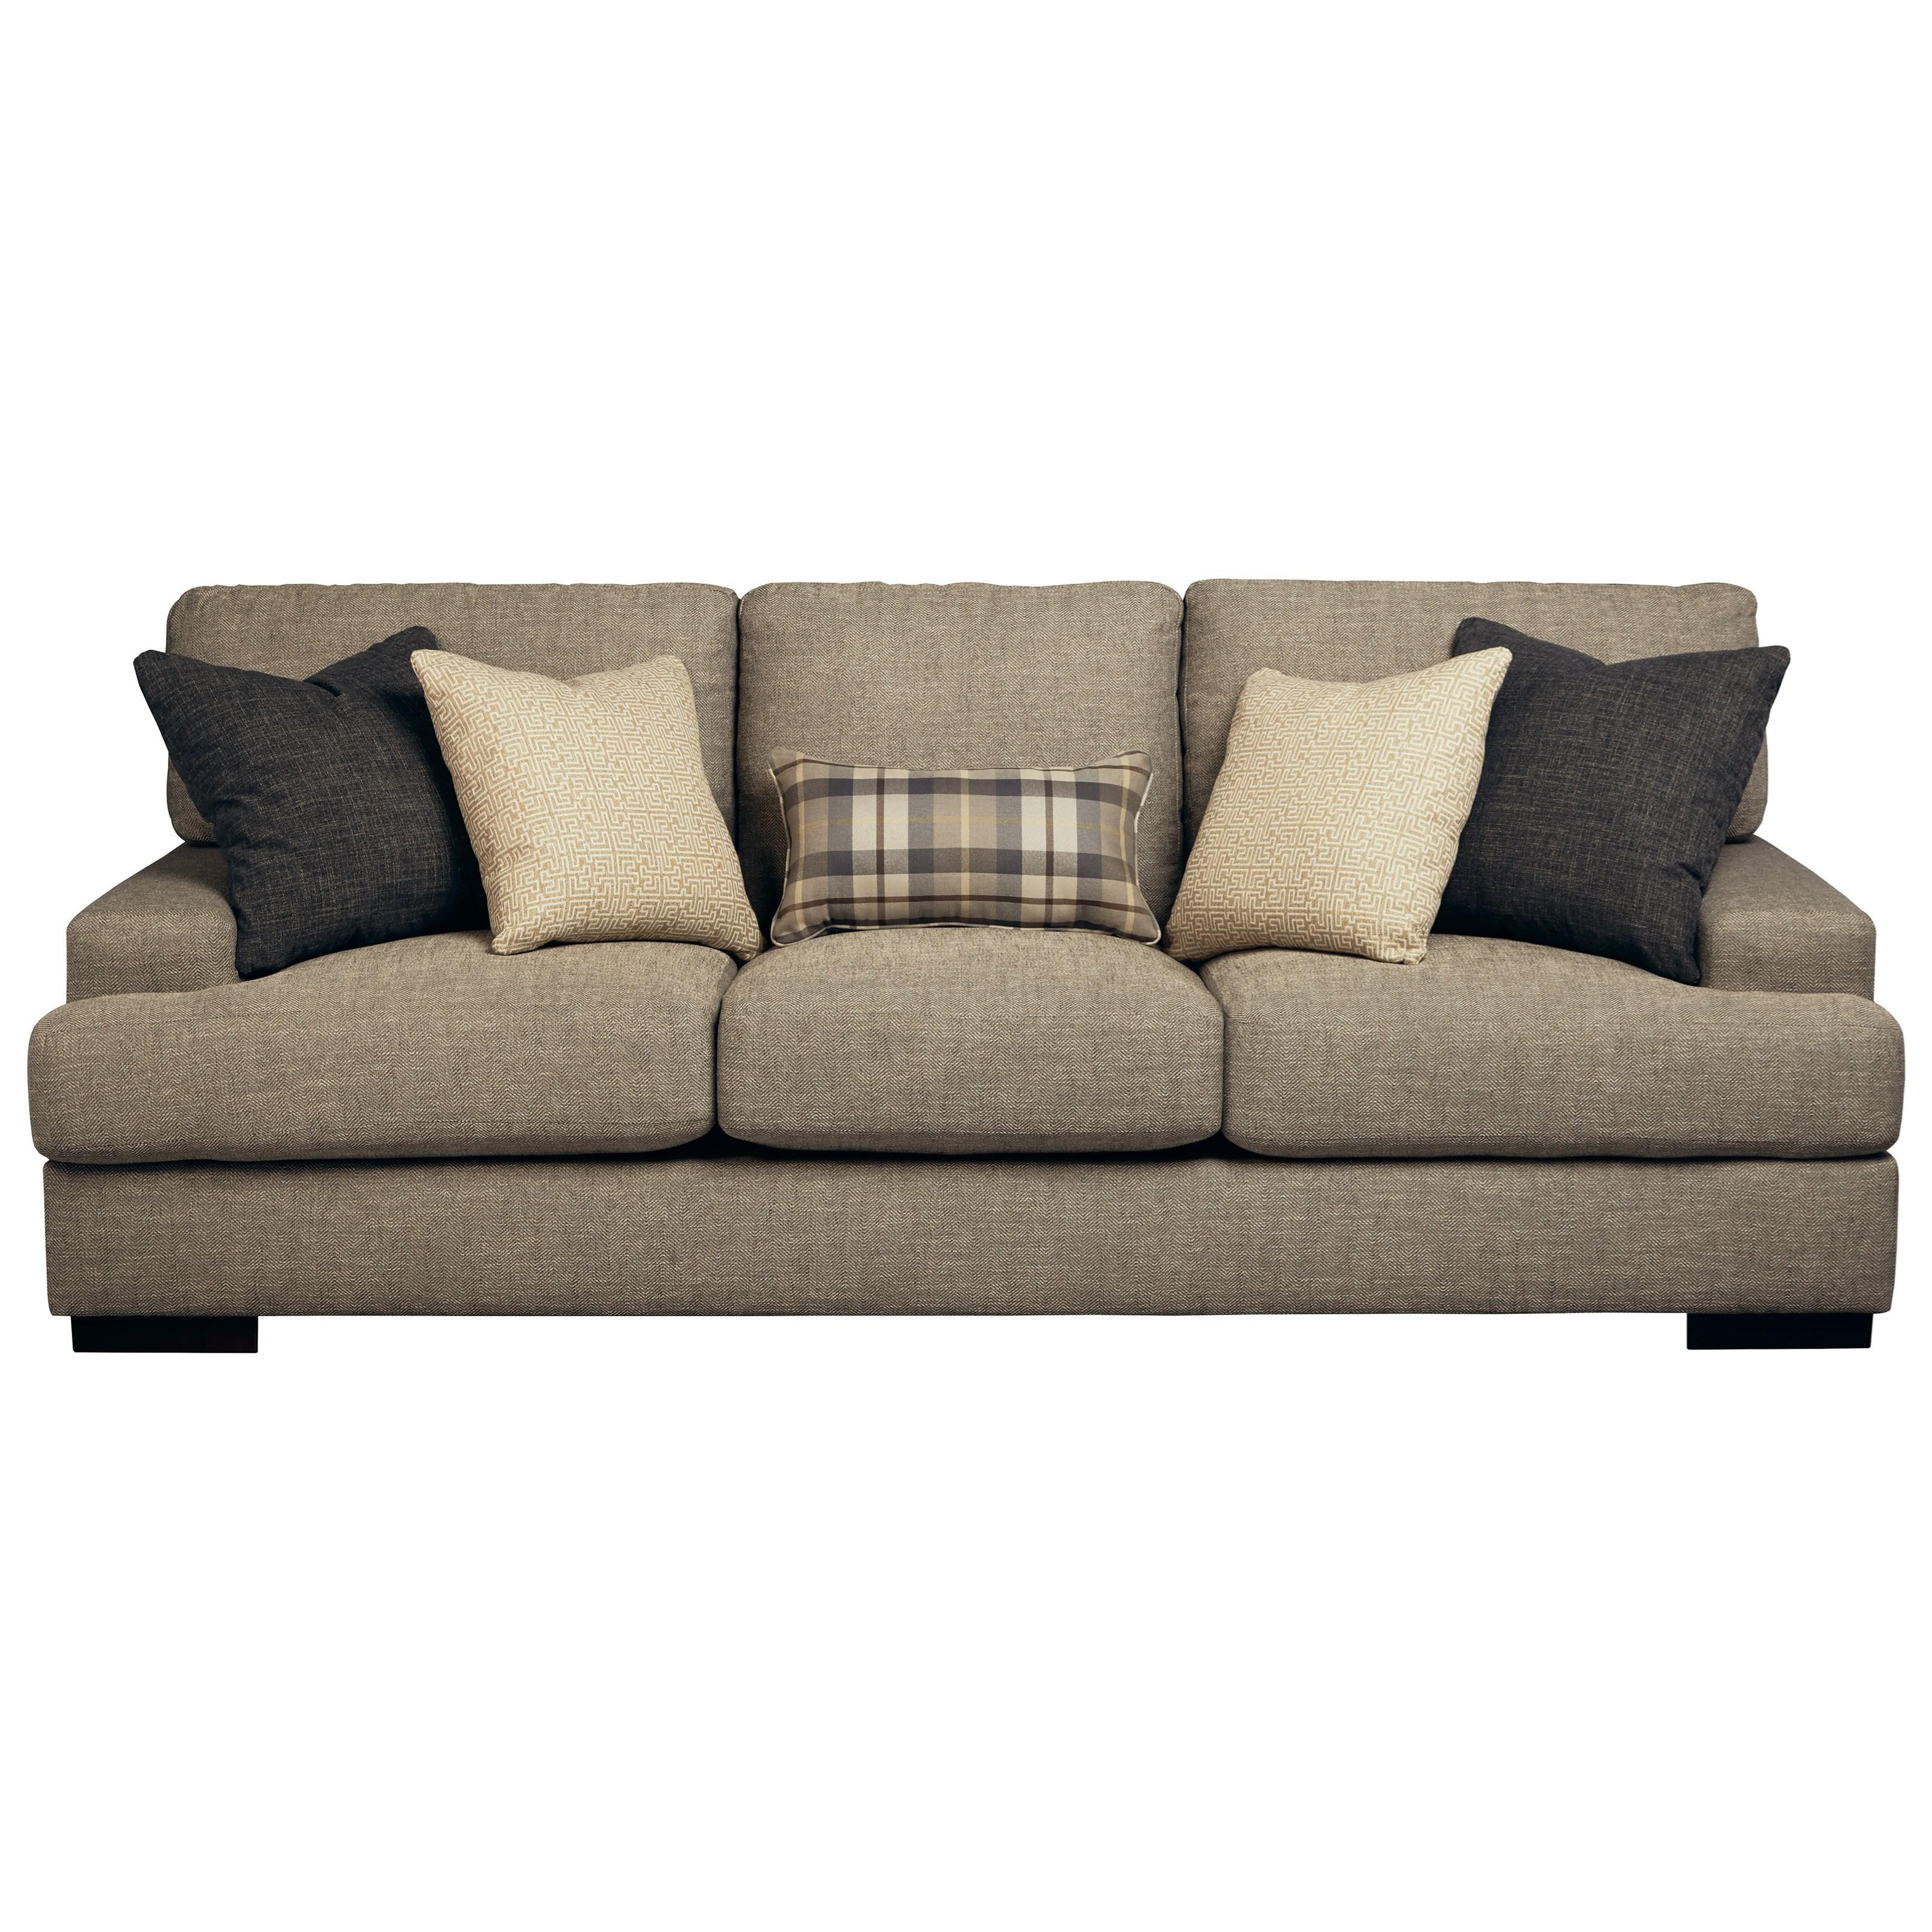 Millennium Austwell Sofa - Item Number: 5590138